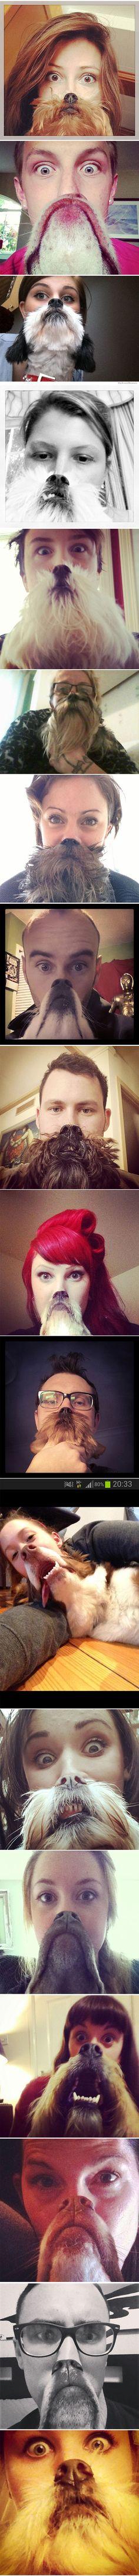 epic dog beards :)